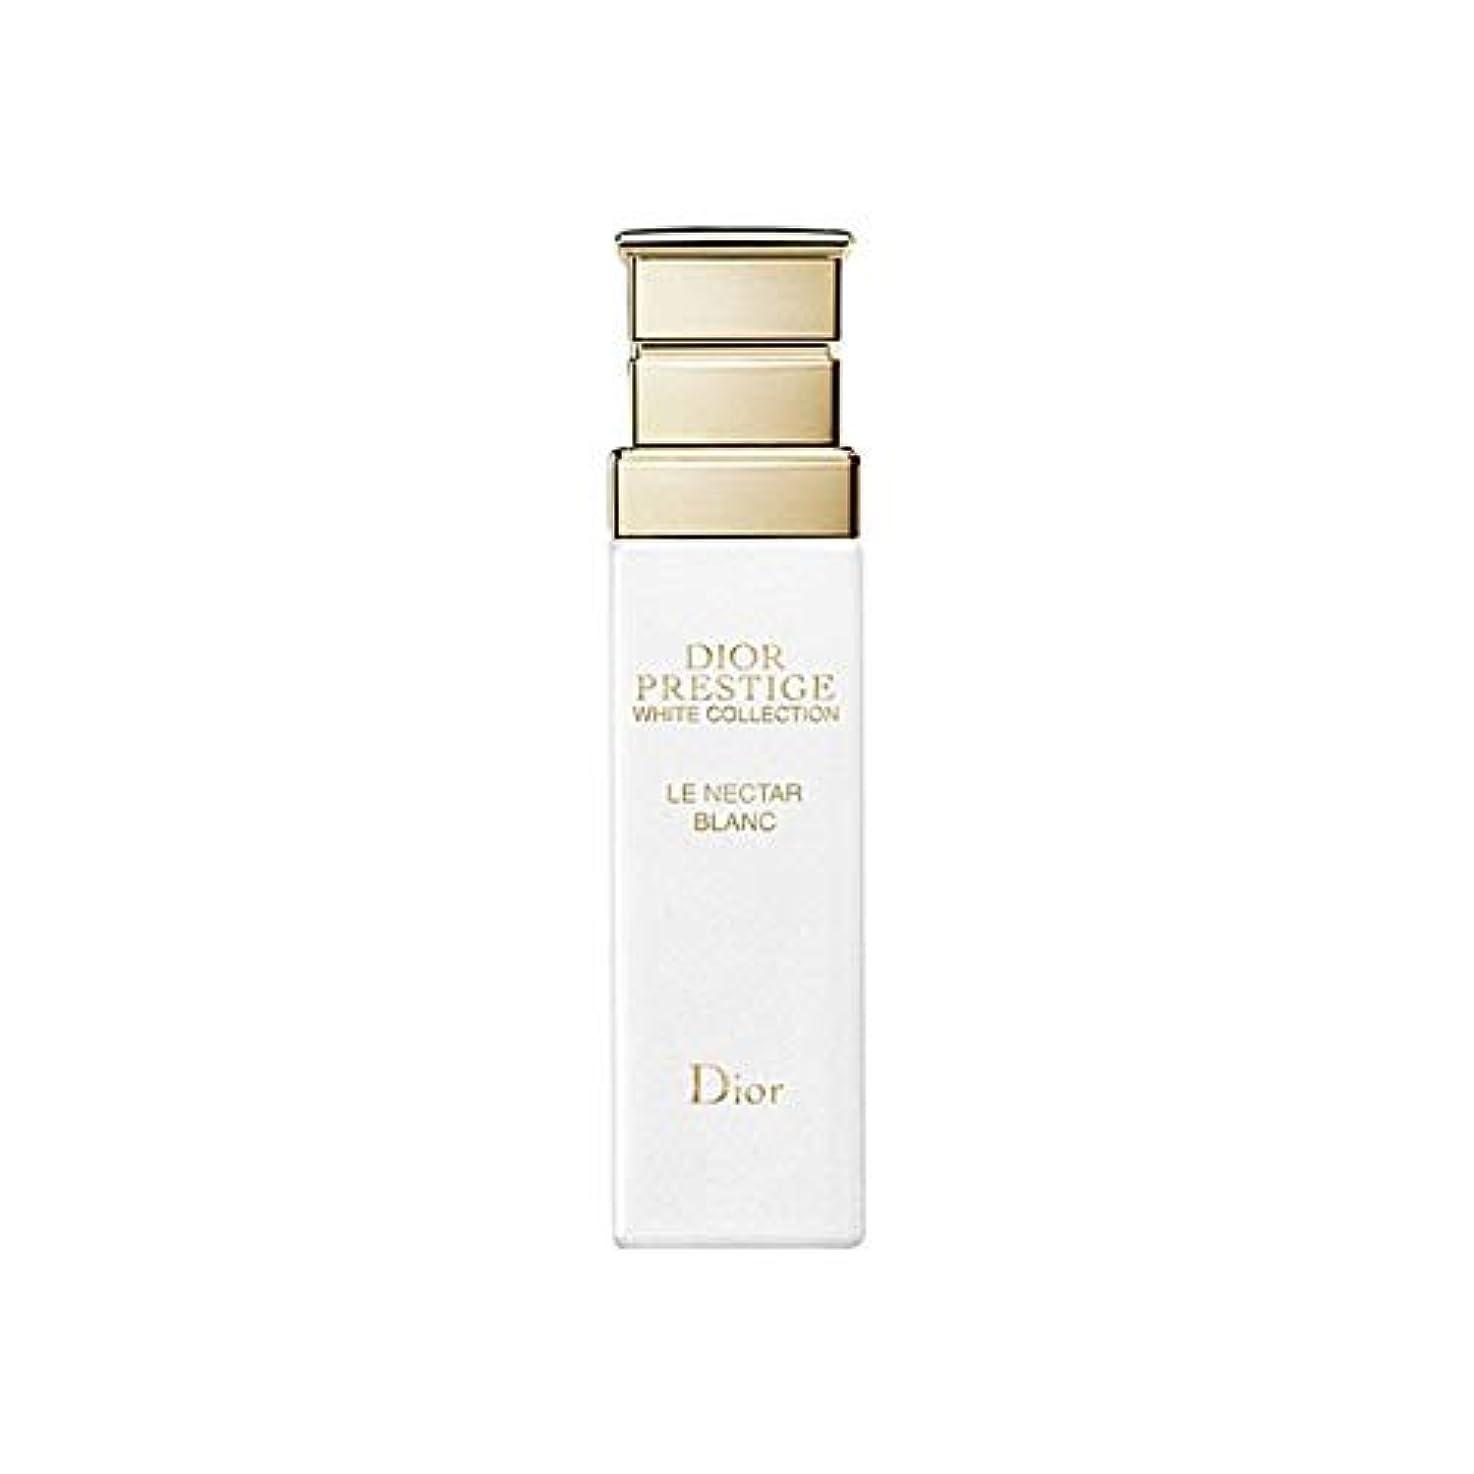 不合格型メディカル[Dior] ディオール威信明るくセラム30Ml - Dior Prestige Brightening Serum 30ml [並行輸入品]